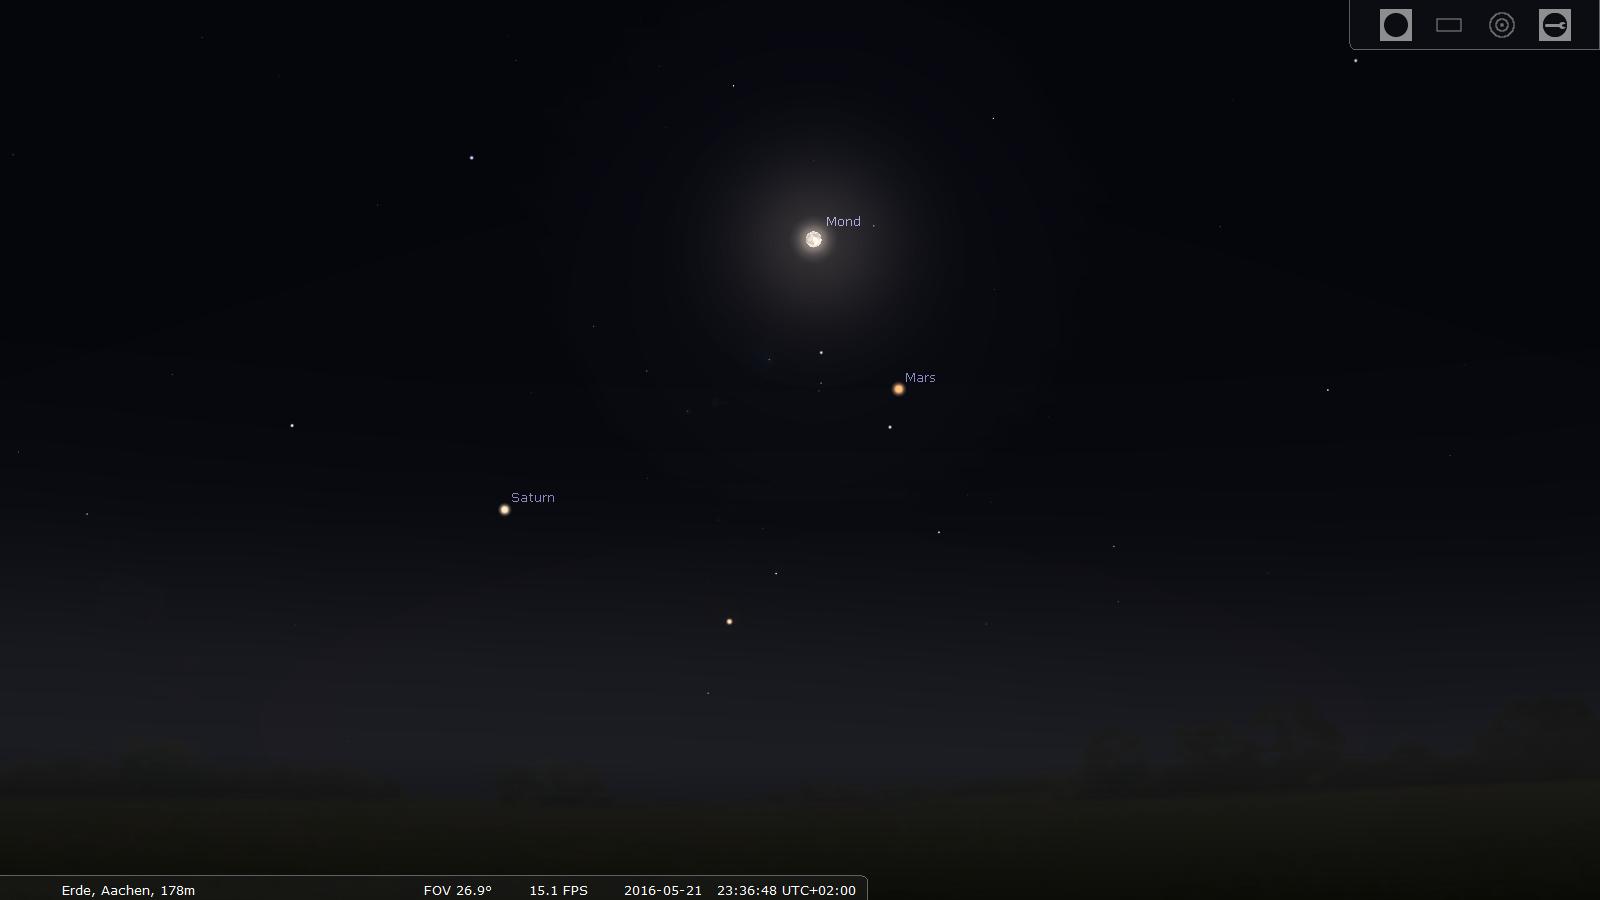 Saturn und Mars begleiten den Mond (Übersichtsbild)